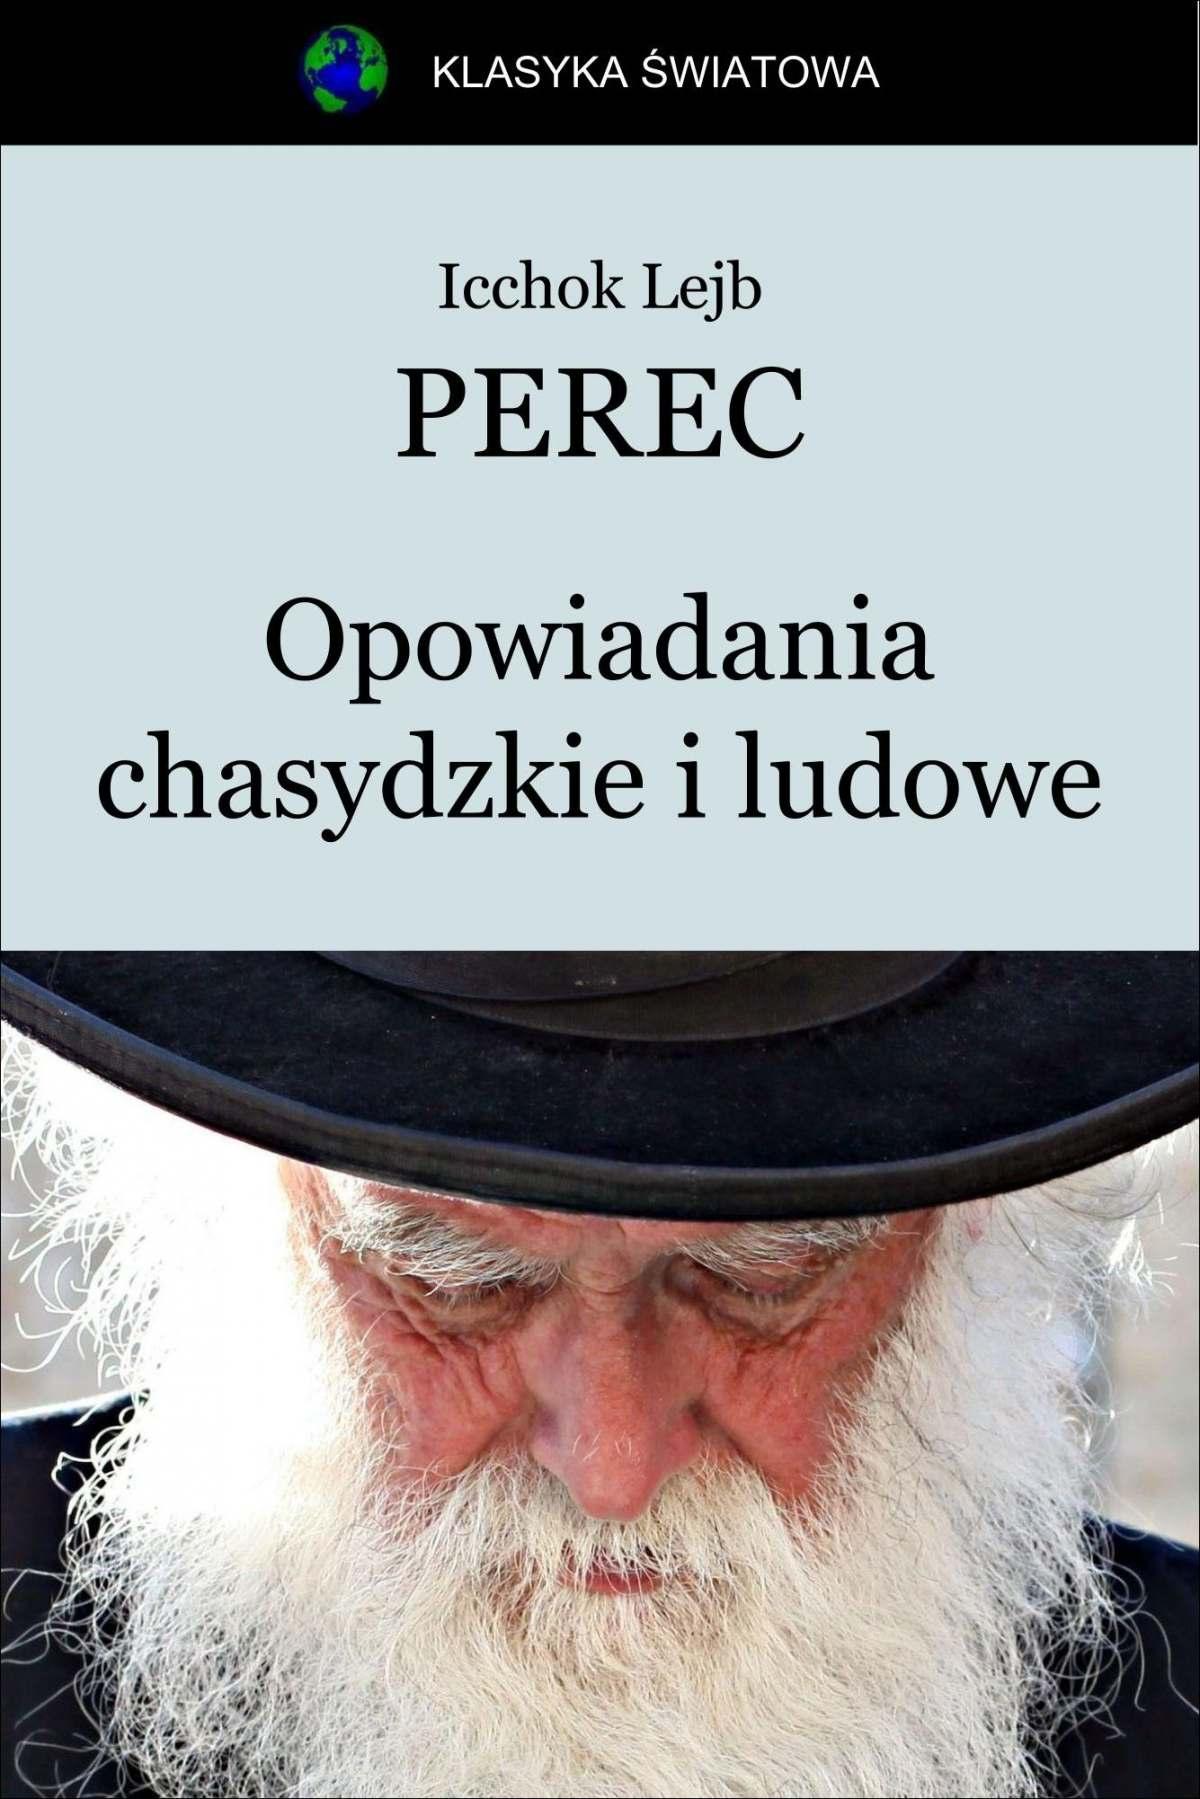 Opowiadania chasydzkie i ludowe - Ebook (Książka EPUB) do pobrania w formacie EPUB